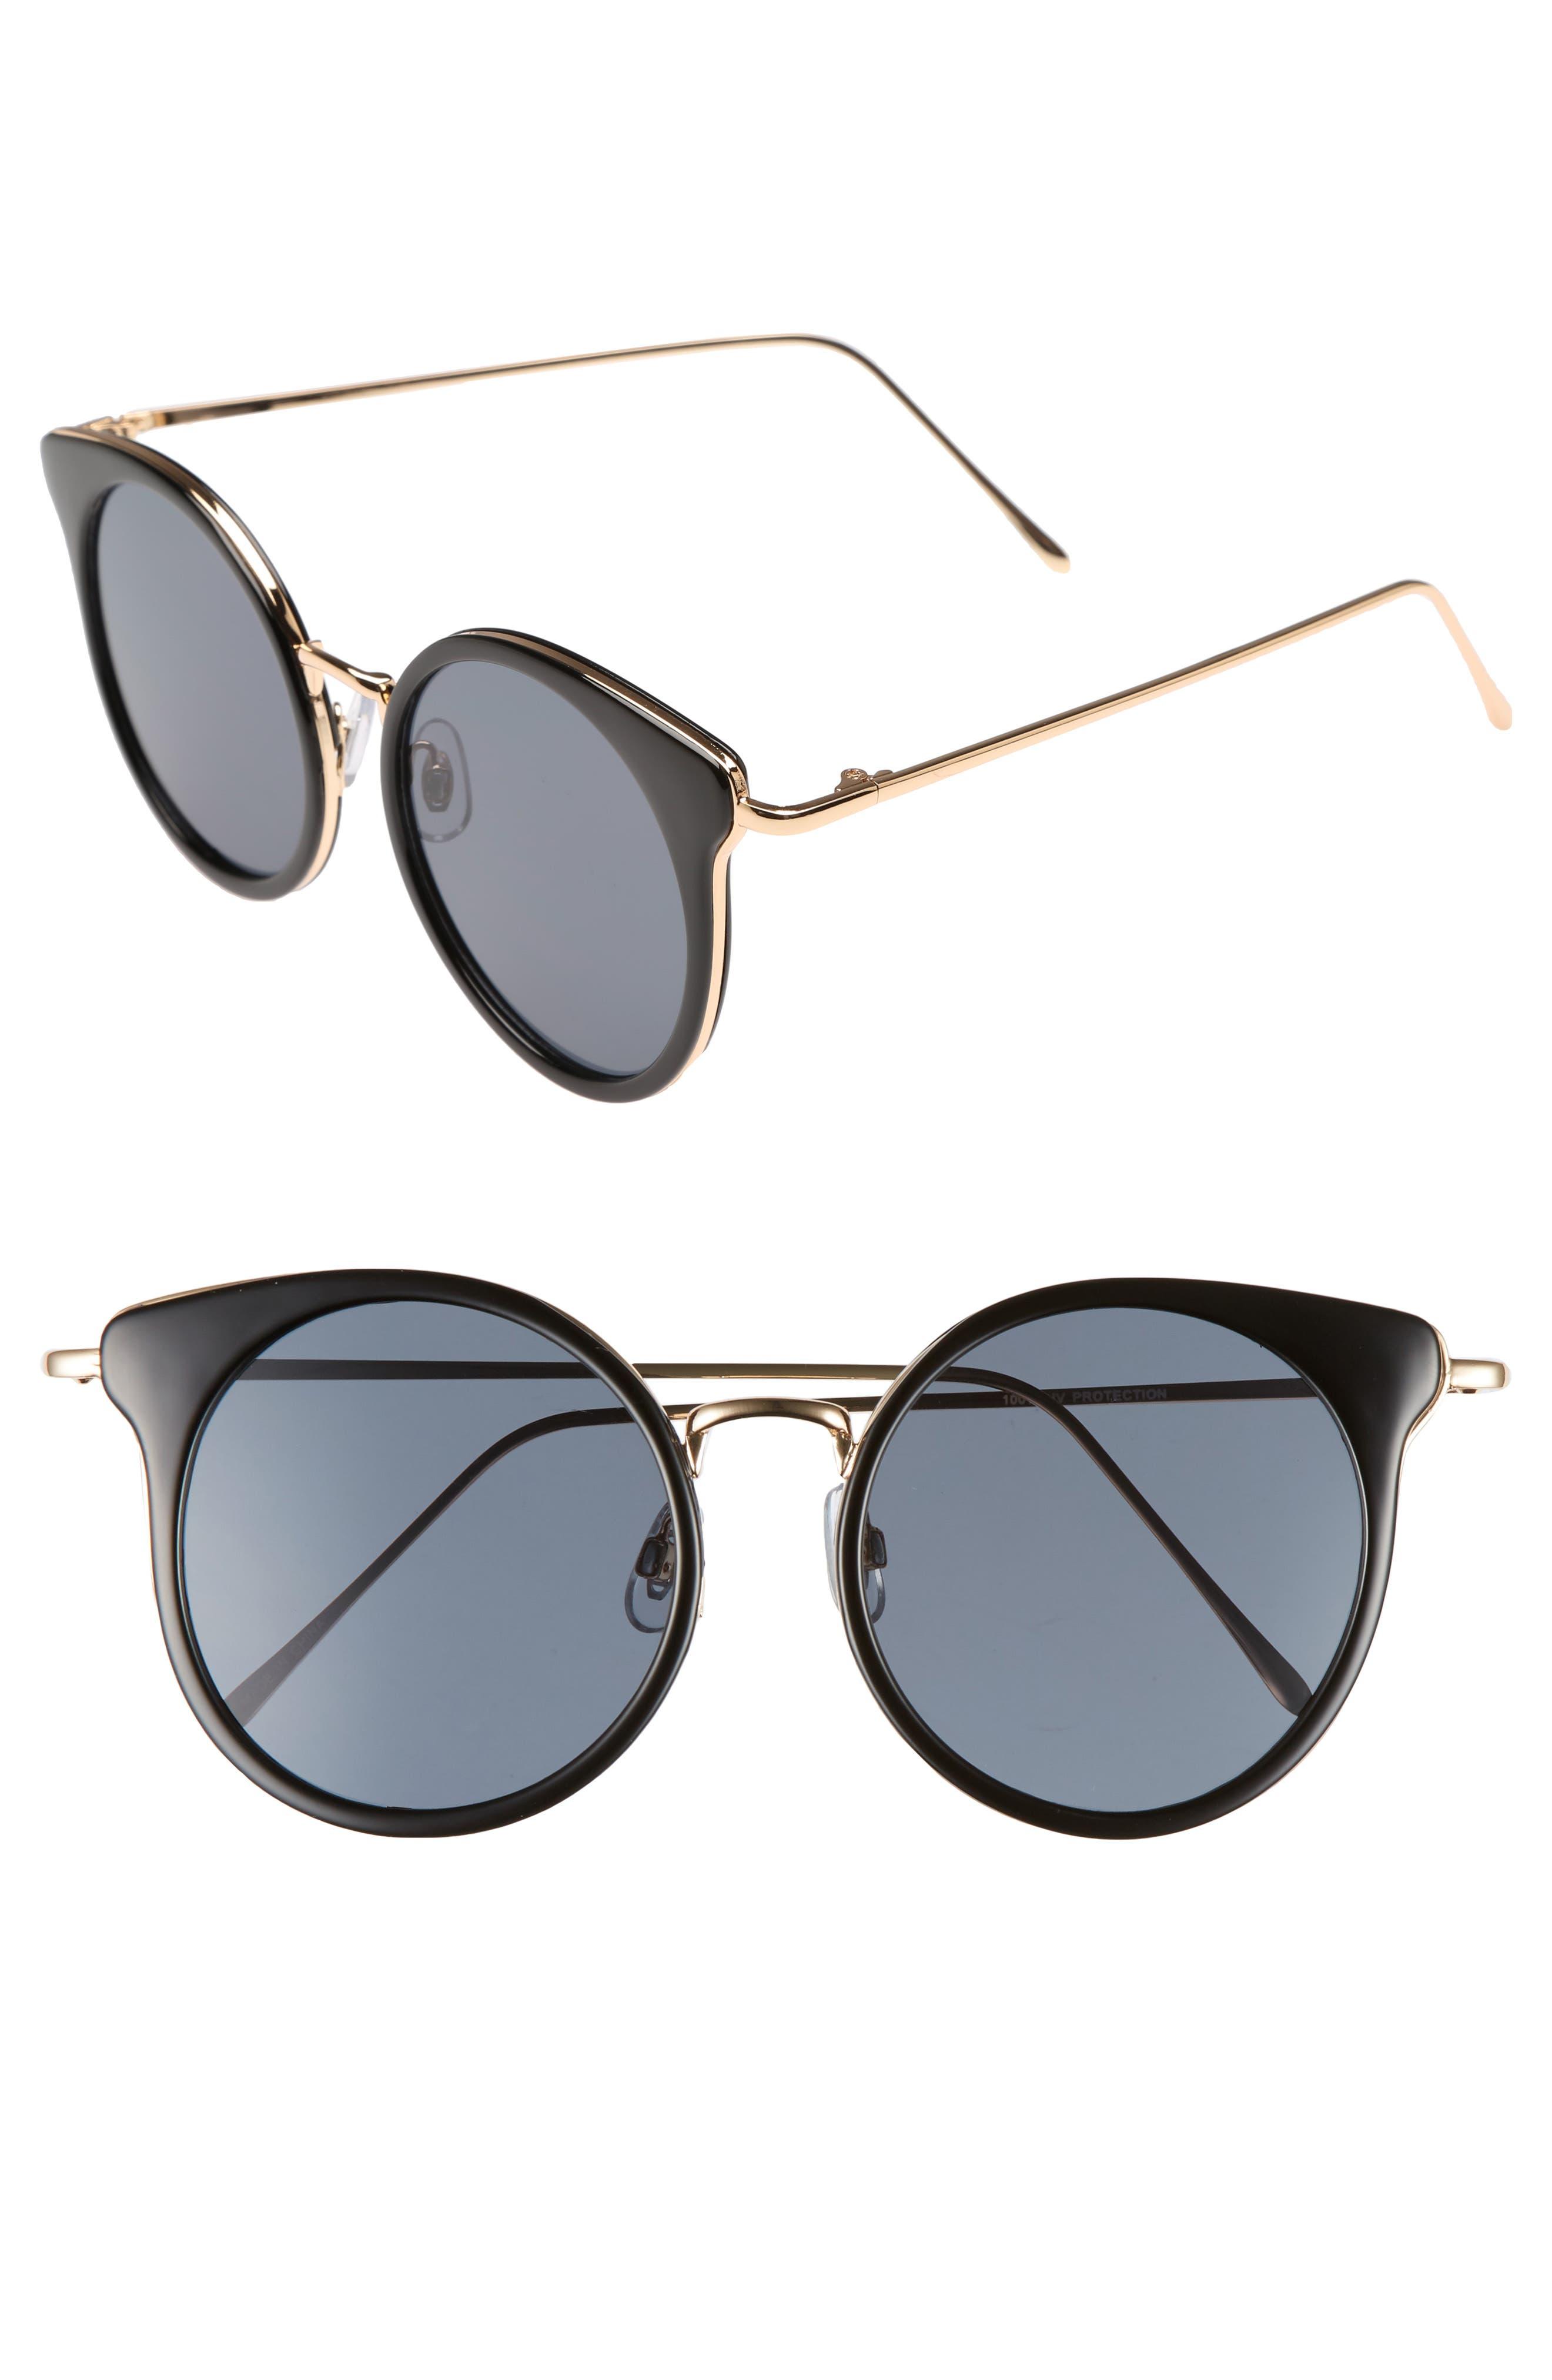 Main Image - BP. Round Wing Sunglasses